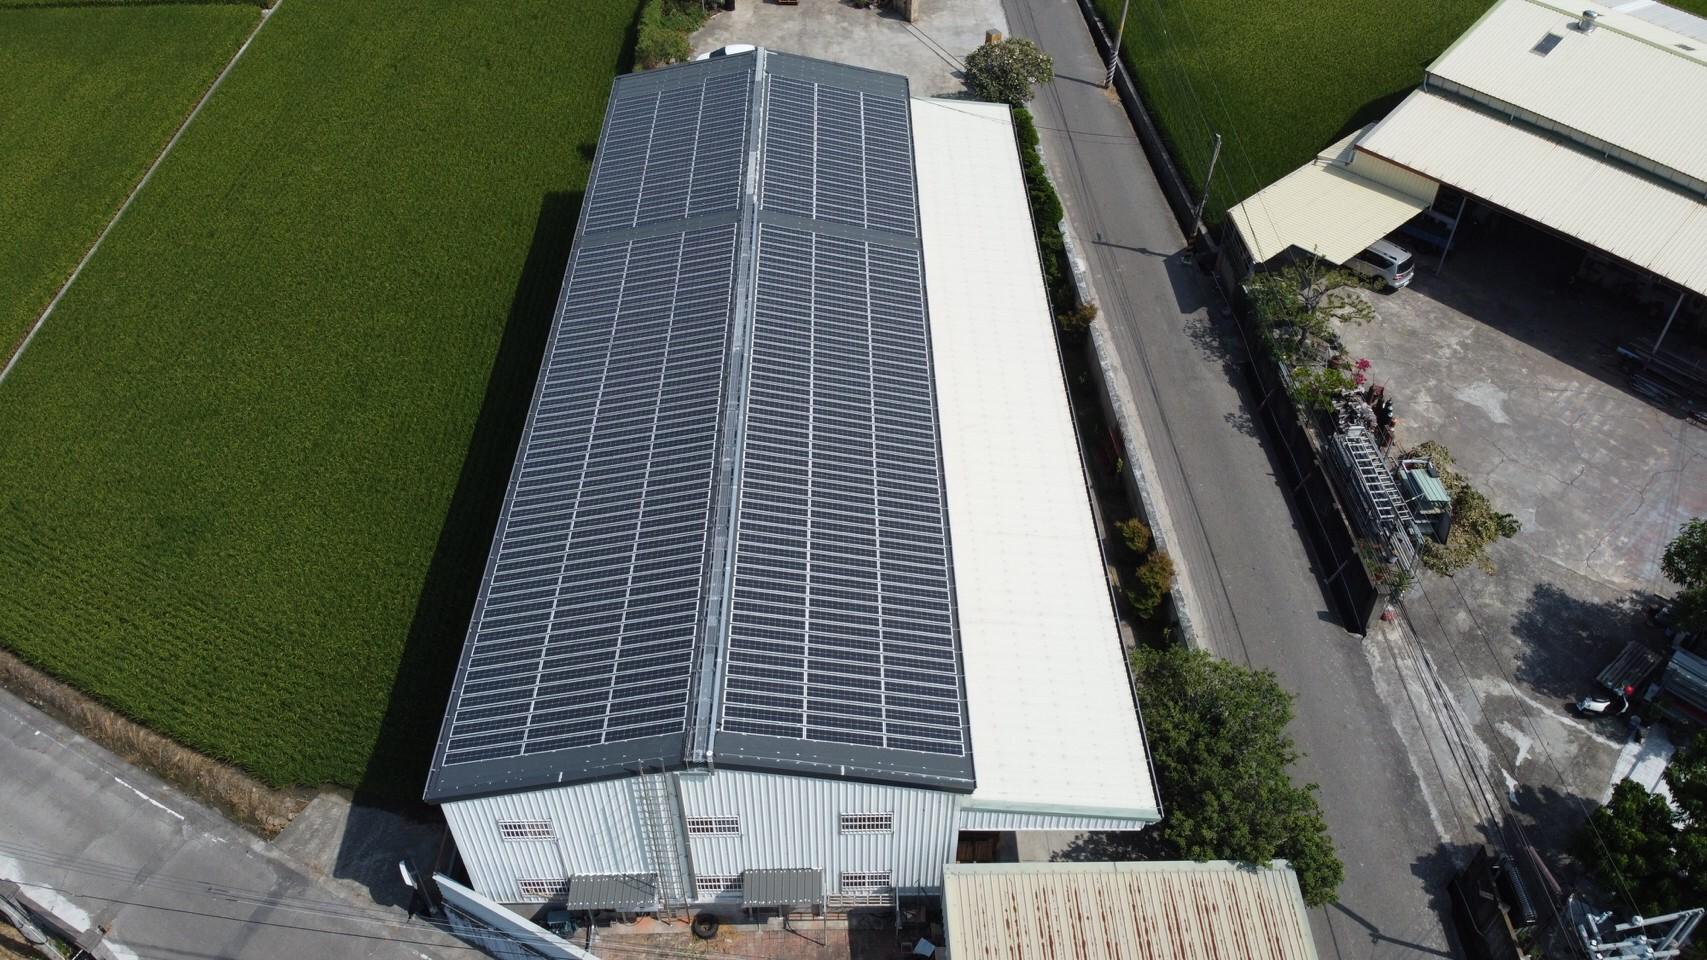 太陽能發電|太陽能板安裝|南投縣草屯鎮廠房61.087KW